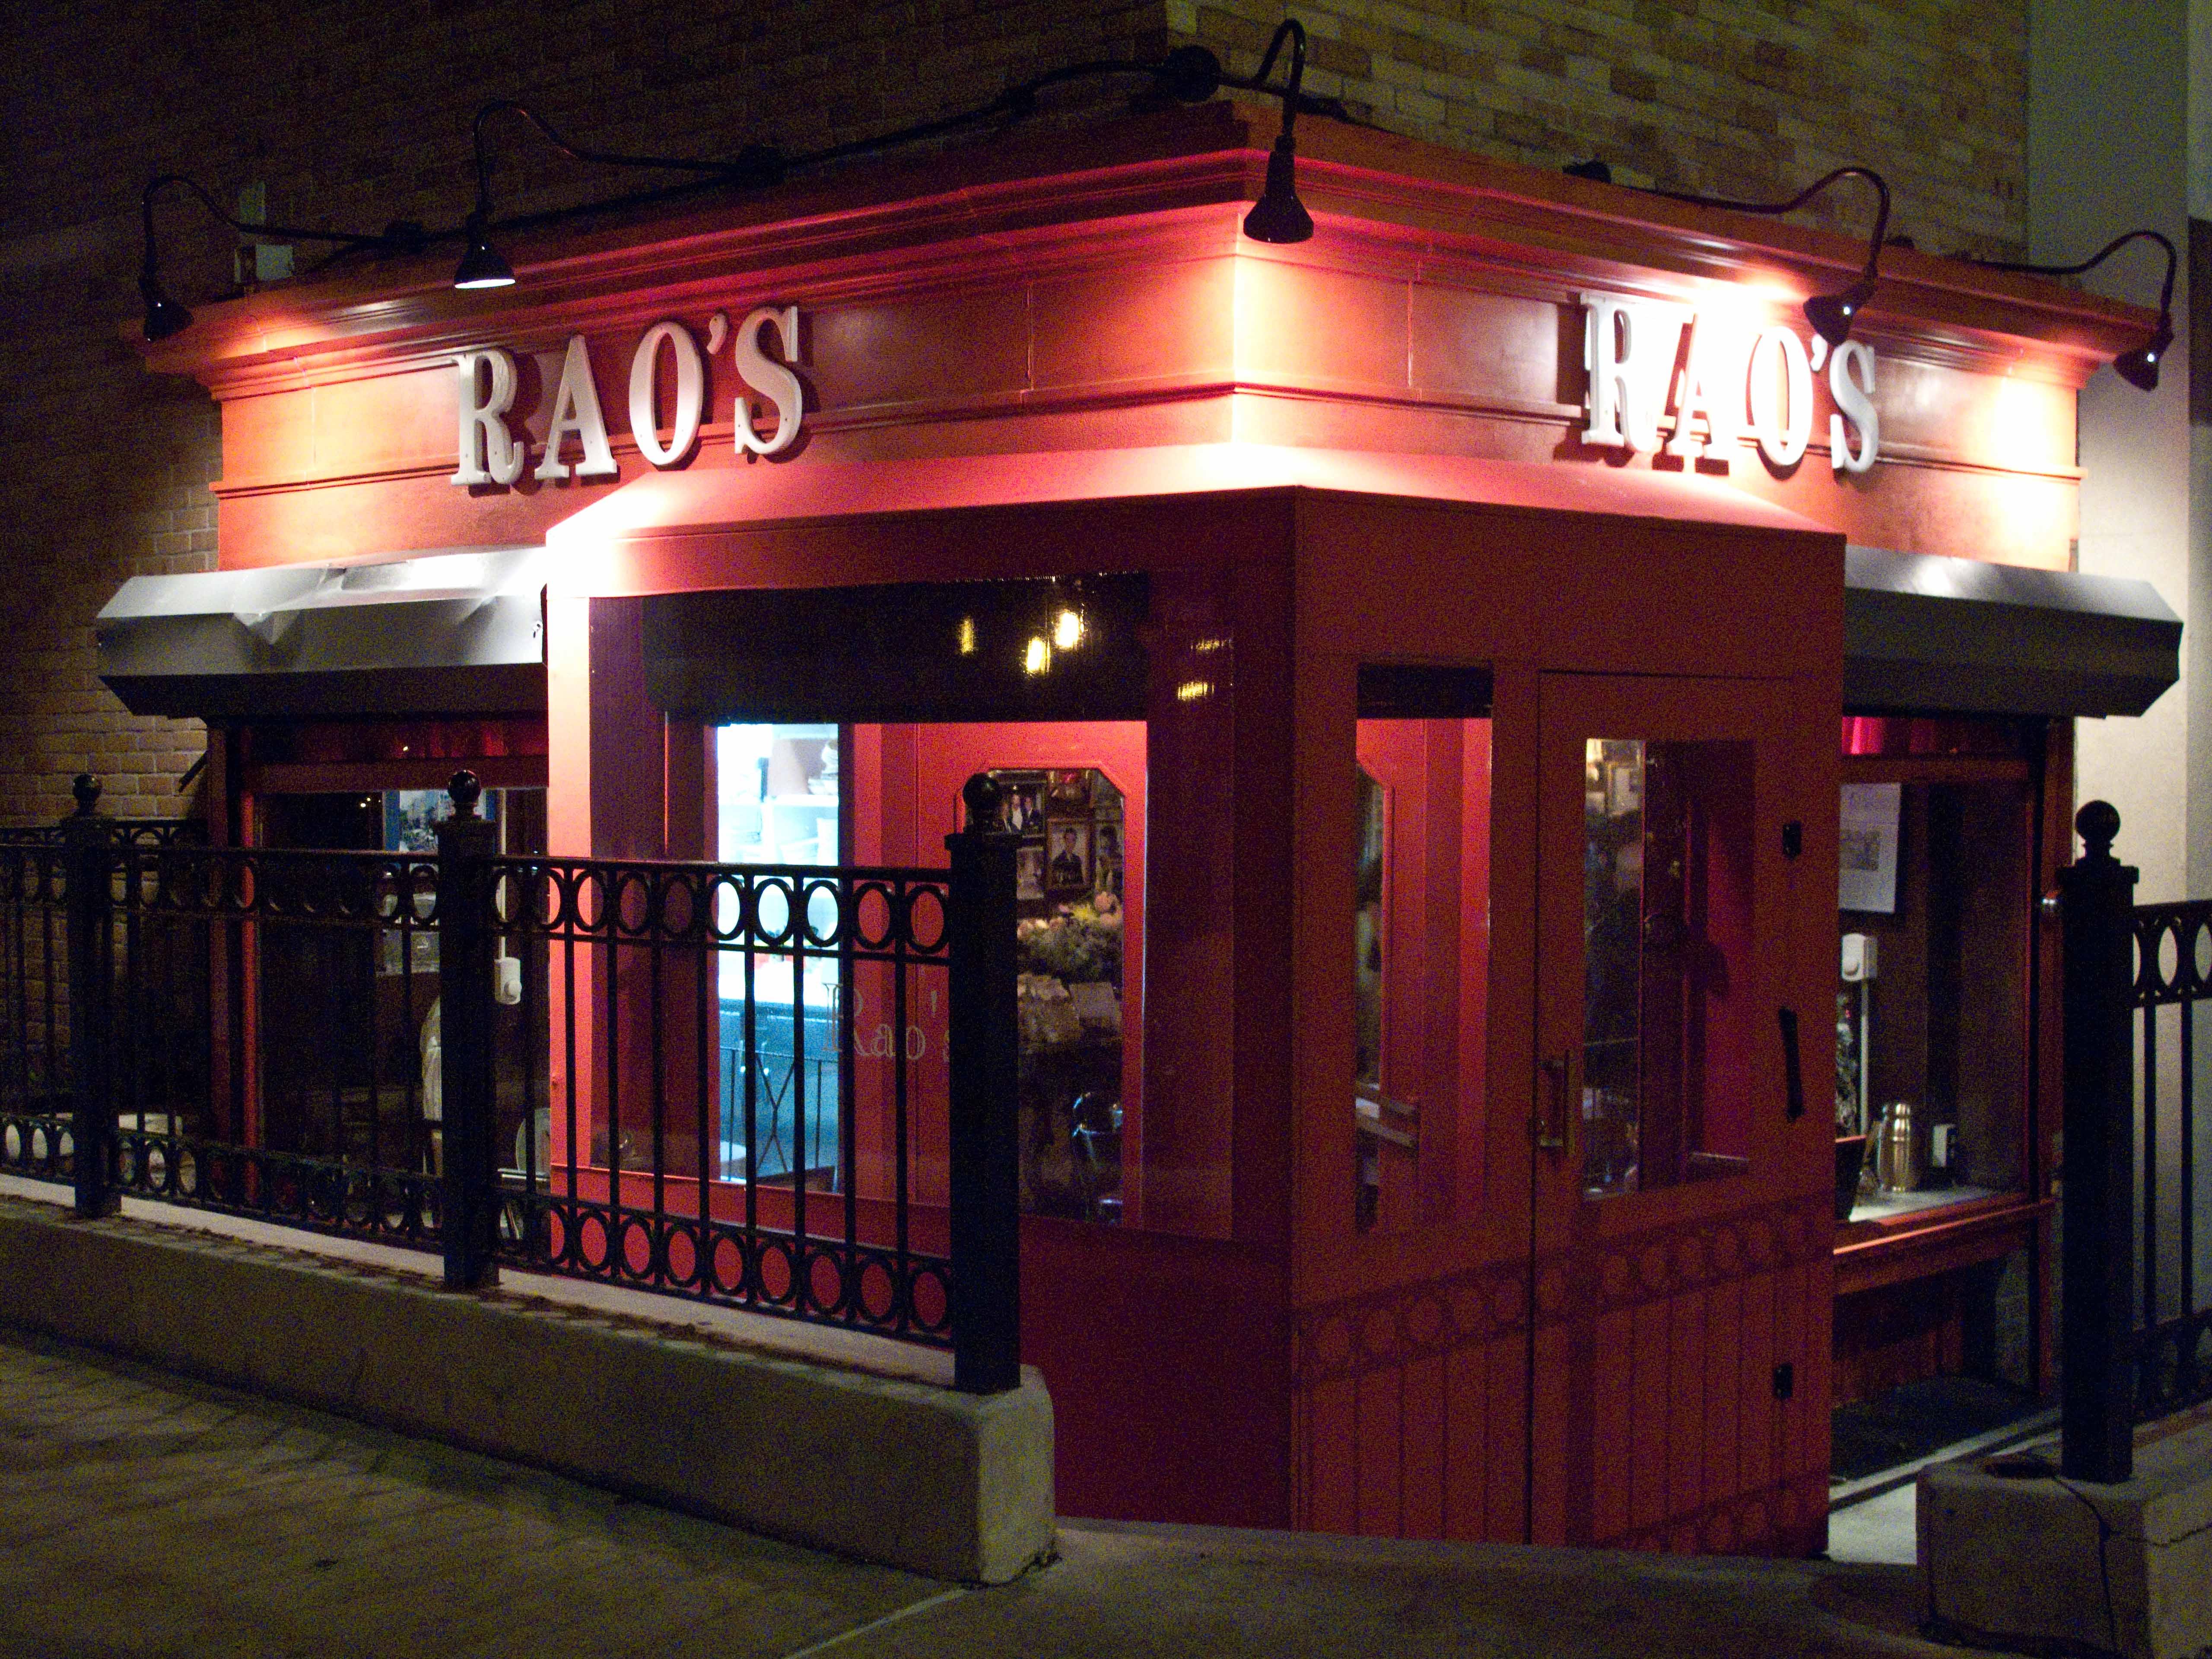 Italian Restaurants In Nyc: Top 5 Italian Restaurants In New York City